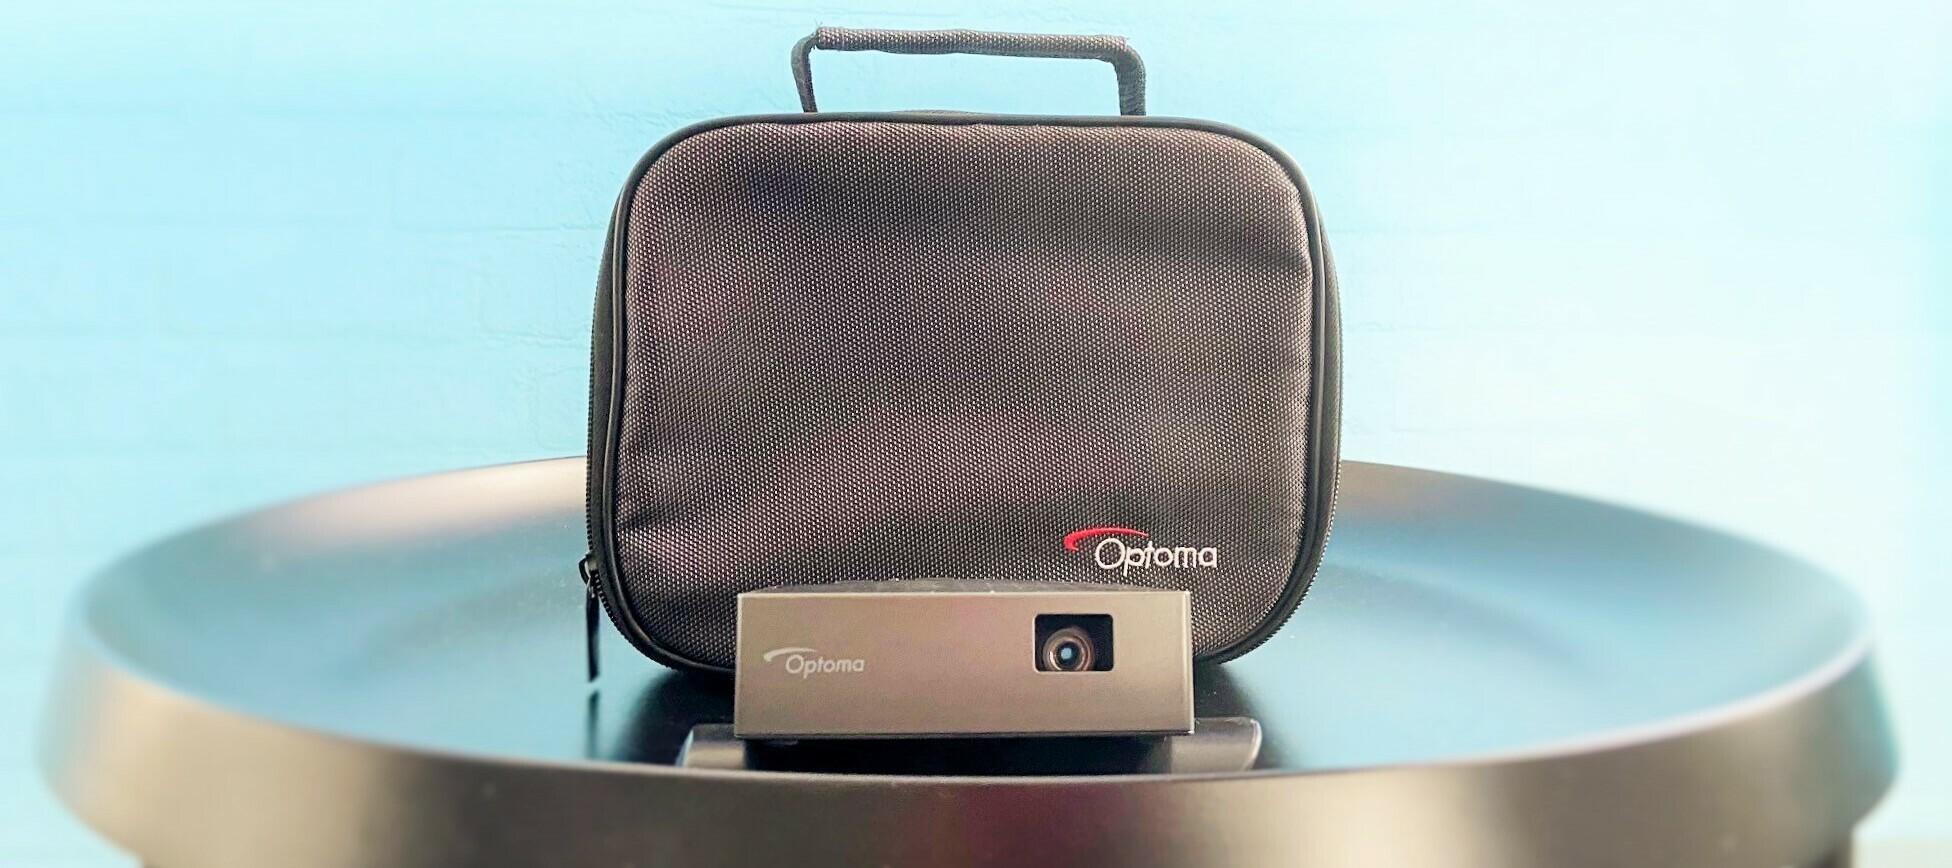 Optoma LV130 - Der kompakte Beamer sucht eine/n Produkttester/in - jetzt bewerben!